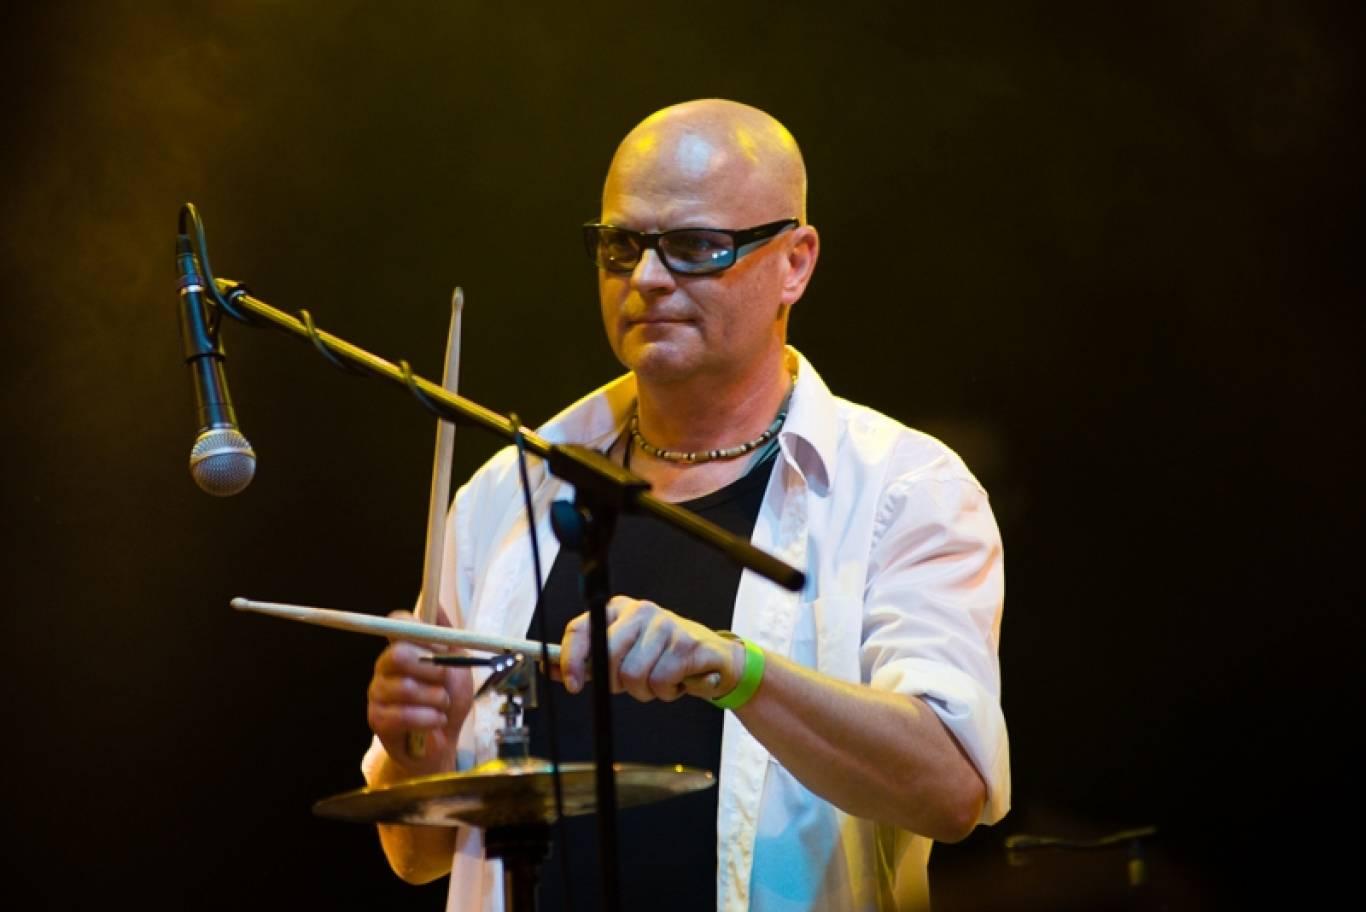 Павєл Файт (Чехія) і ексклюзивна джазова pre-party на VINNYTSIA JAZZFEST-2018!